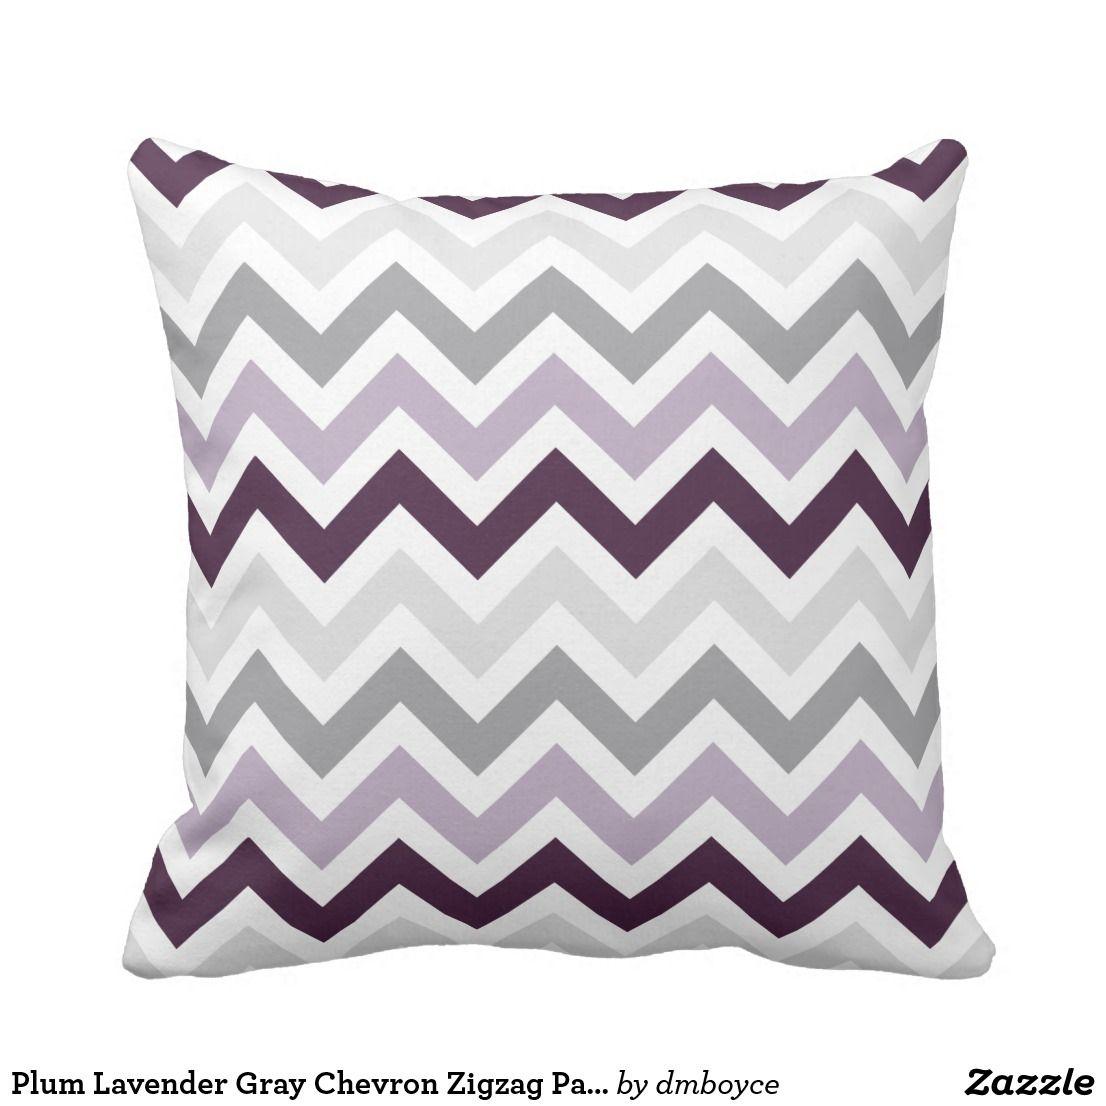 Plum Lavender Gray Chevron Zigzag Pattern Throw Pillow Zazzle Com Throw Pillows Patterned Throw Pillows Grey Chevron